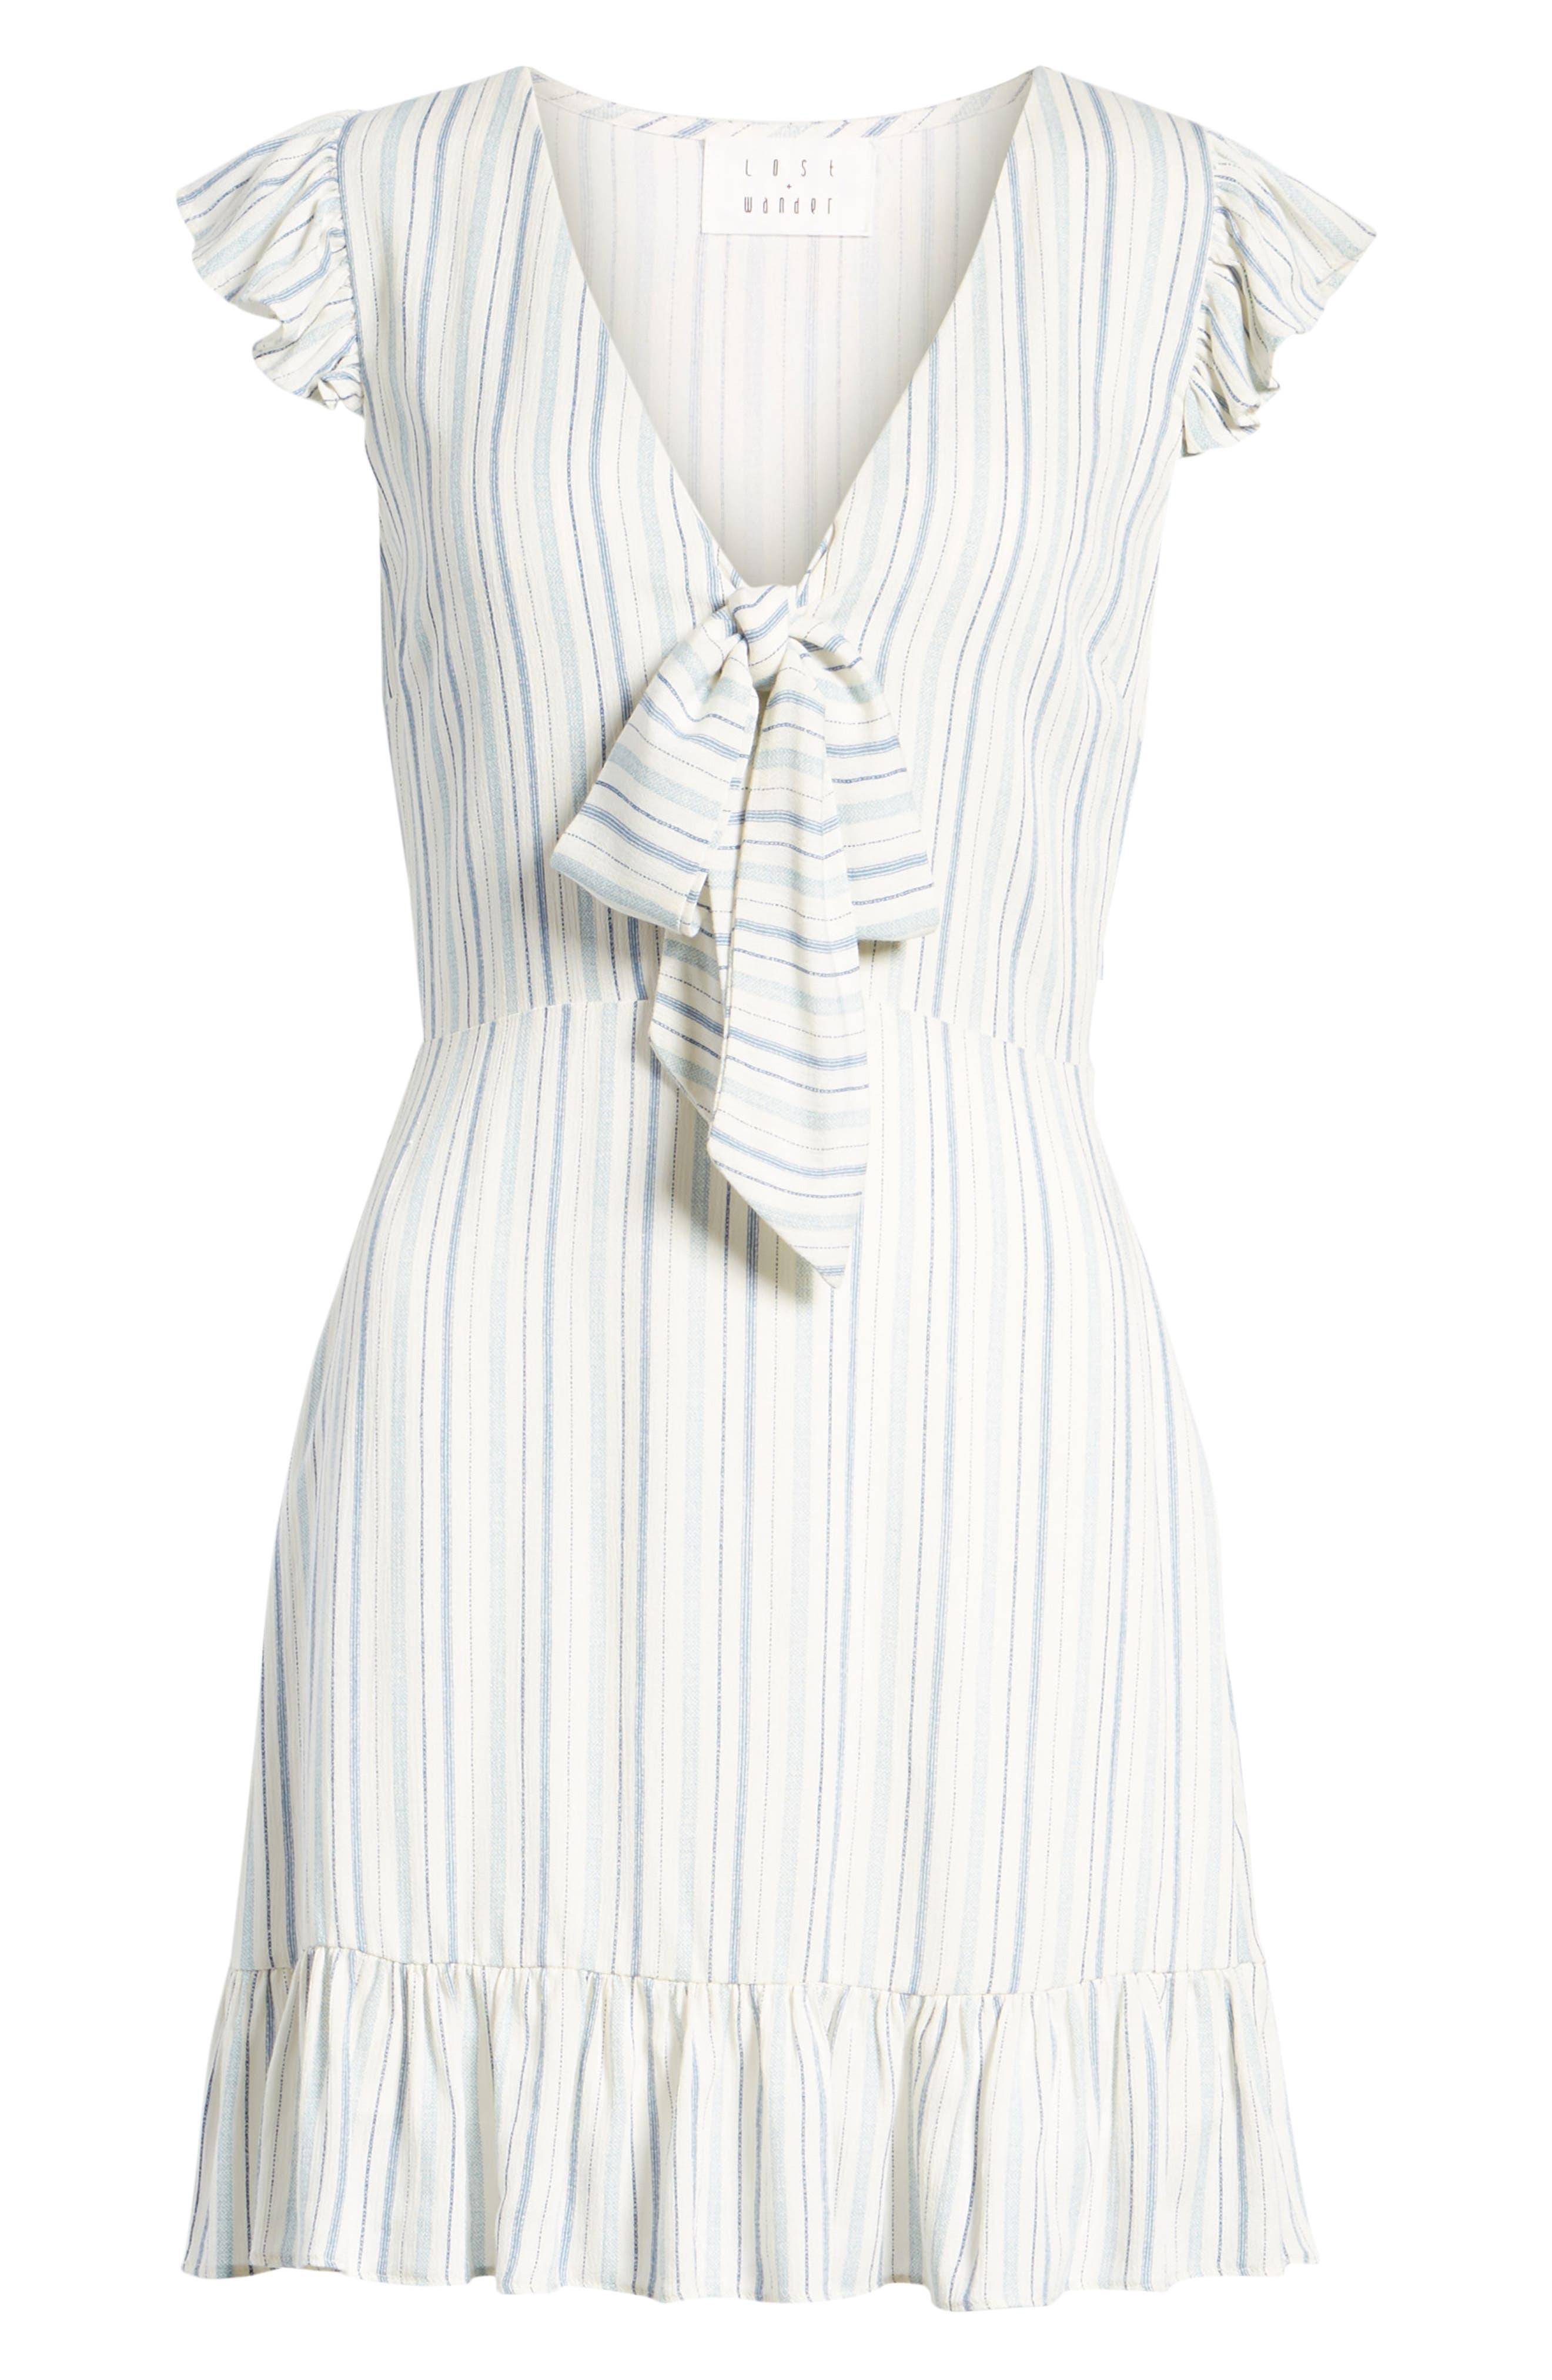 Kiara Stripe Minidress,                             Alternate thumbnail 8, color,                             Light Blue